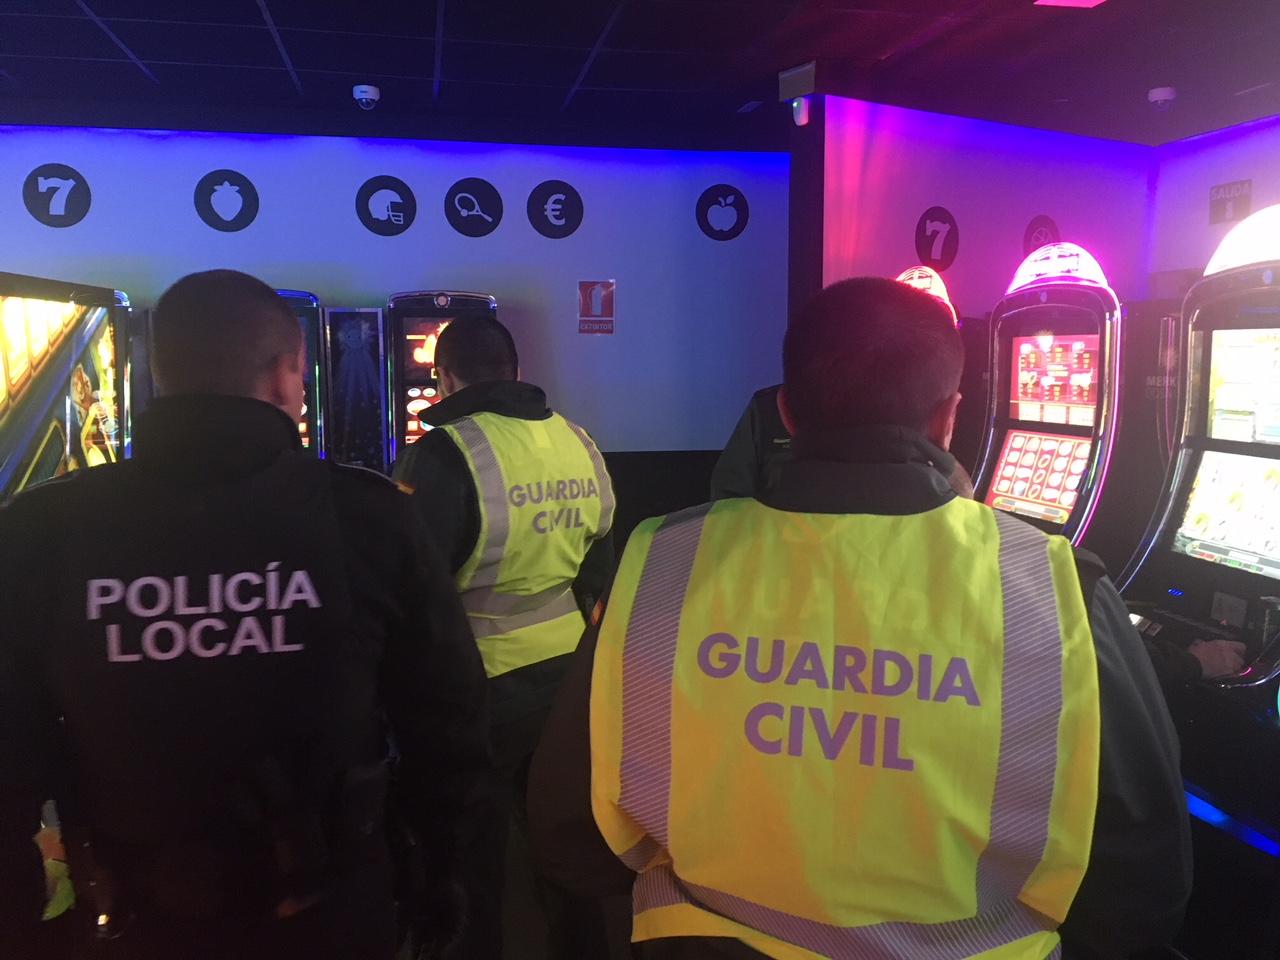 policia-local-extrema-celo-locales-ocio-juego-cieza